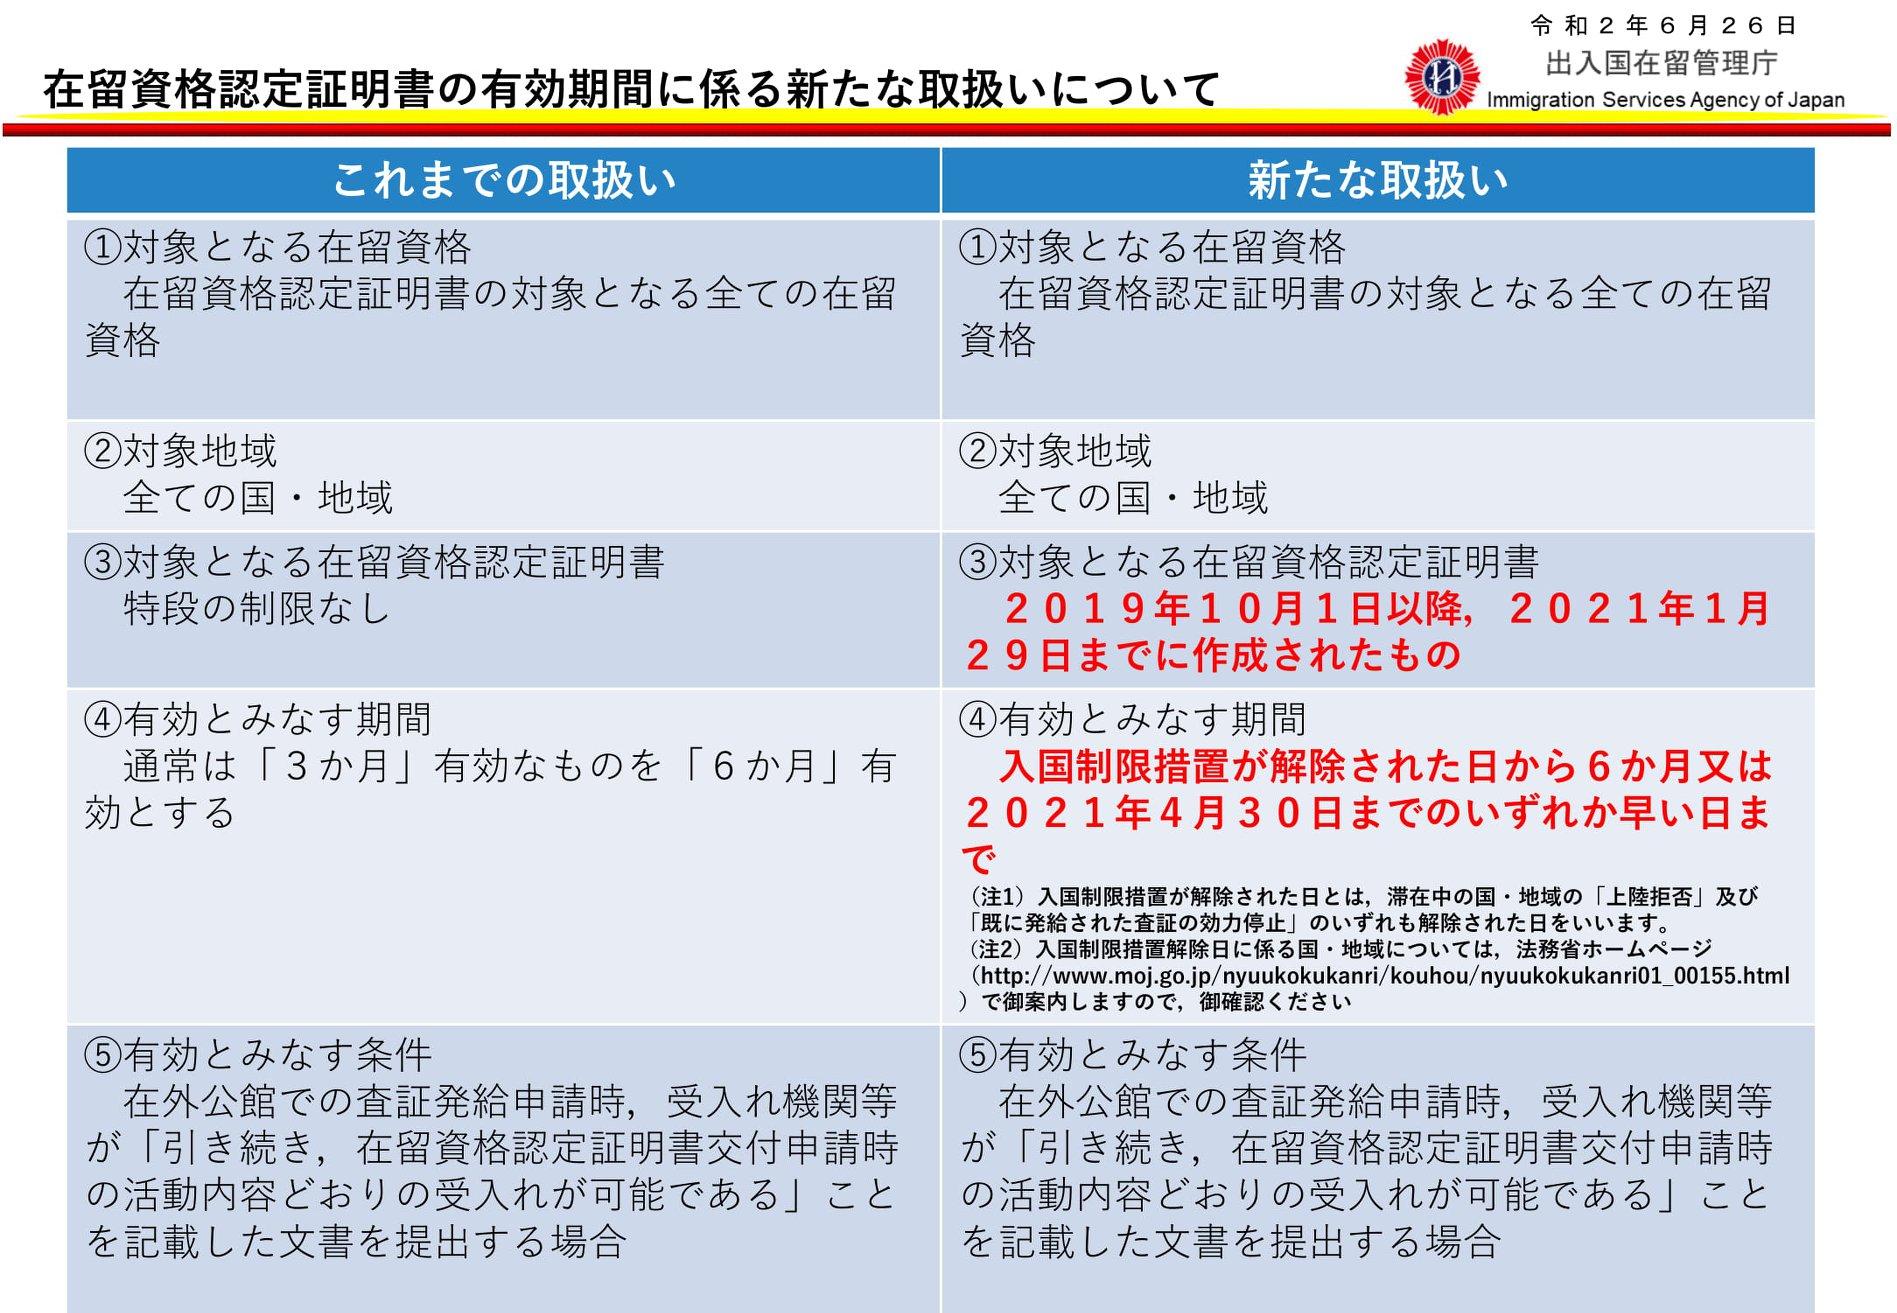 COE và VISA đến Nhật Bản 2